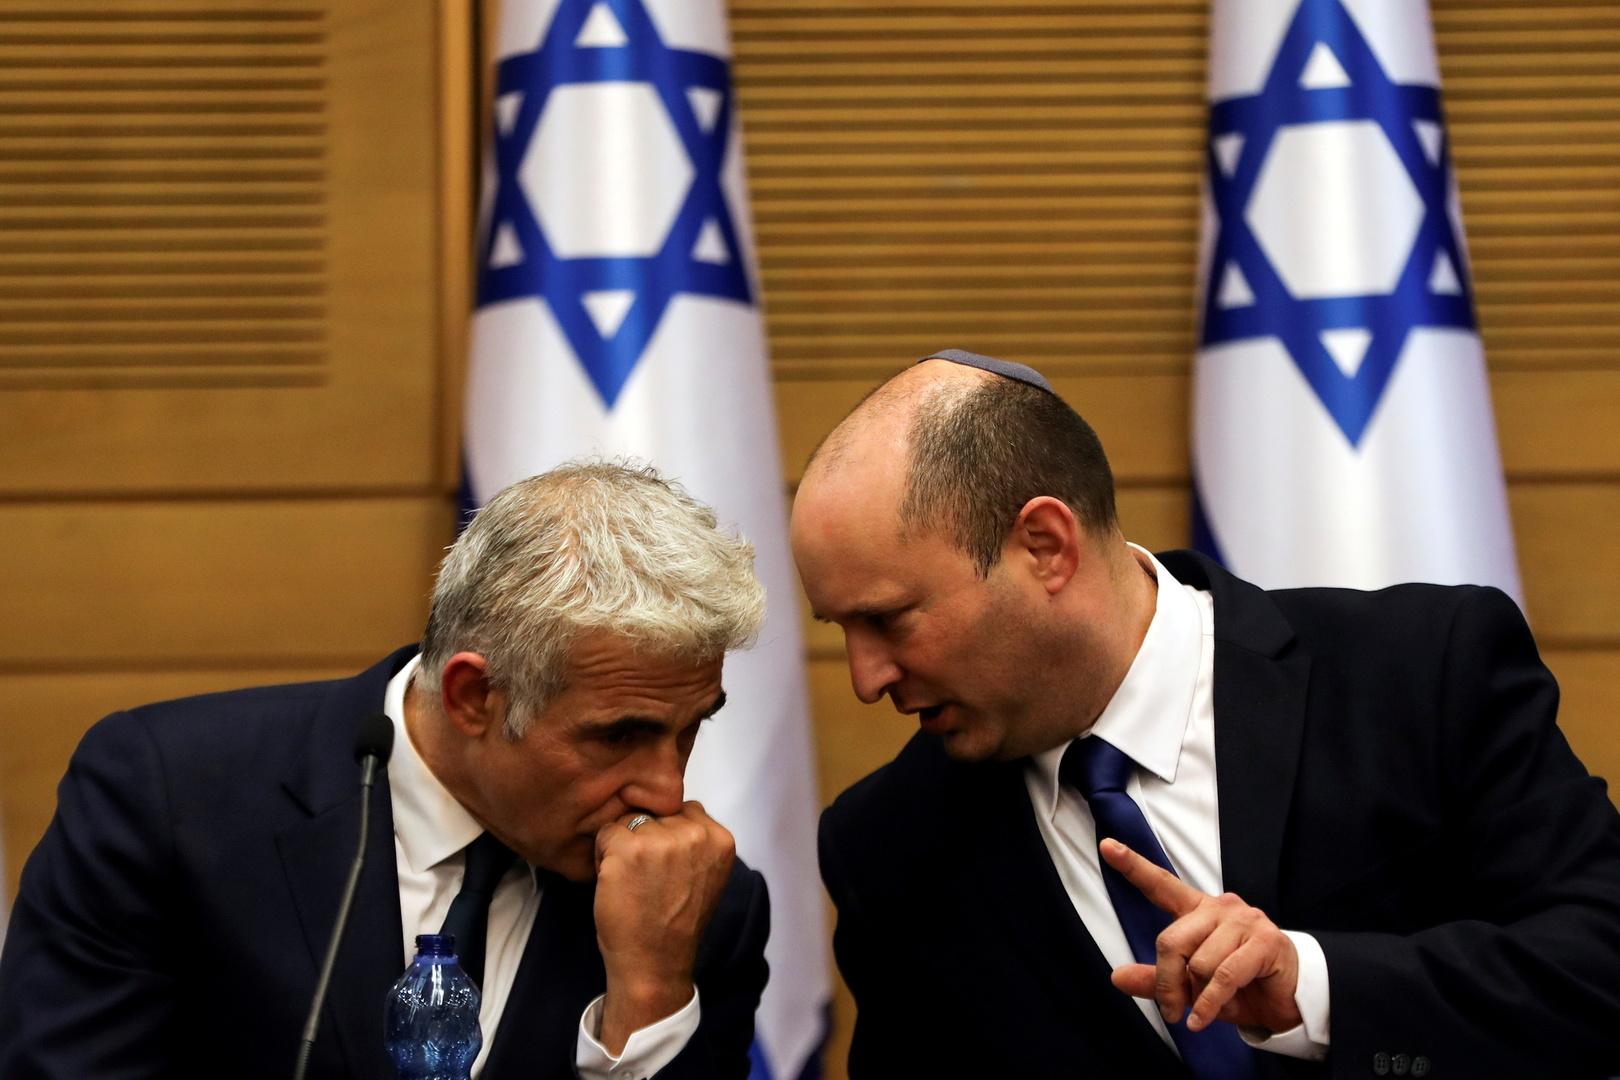 مسؤولون إسرائيليون يدعون لوضع مخططات جديدة ضد نووي إيران بعد انتخاب رئيسي